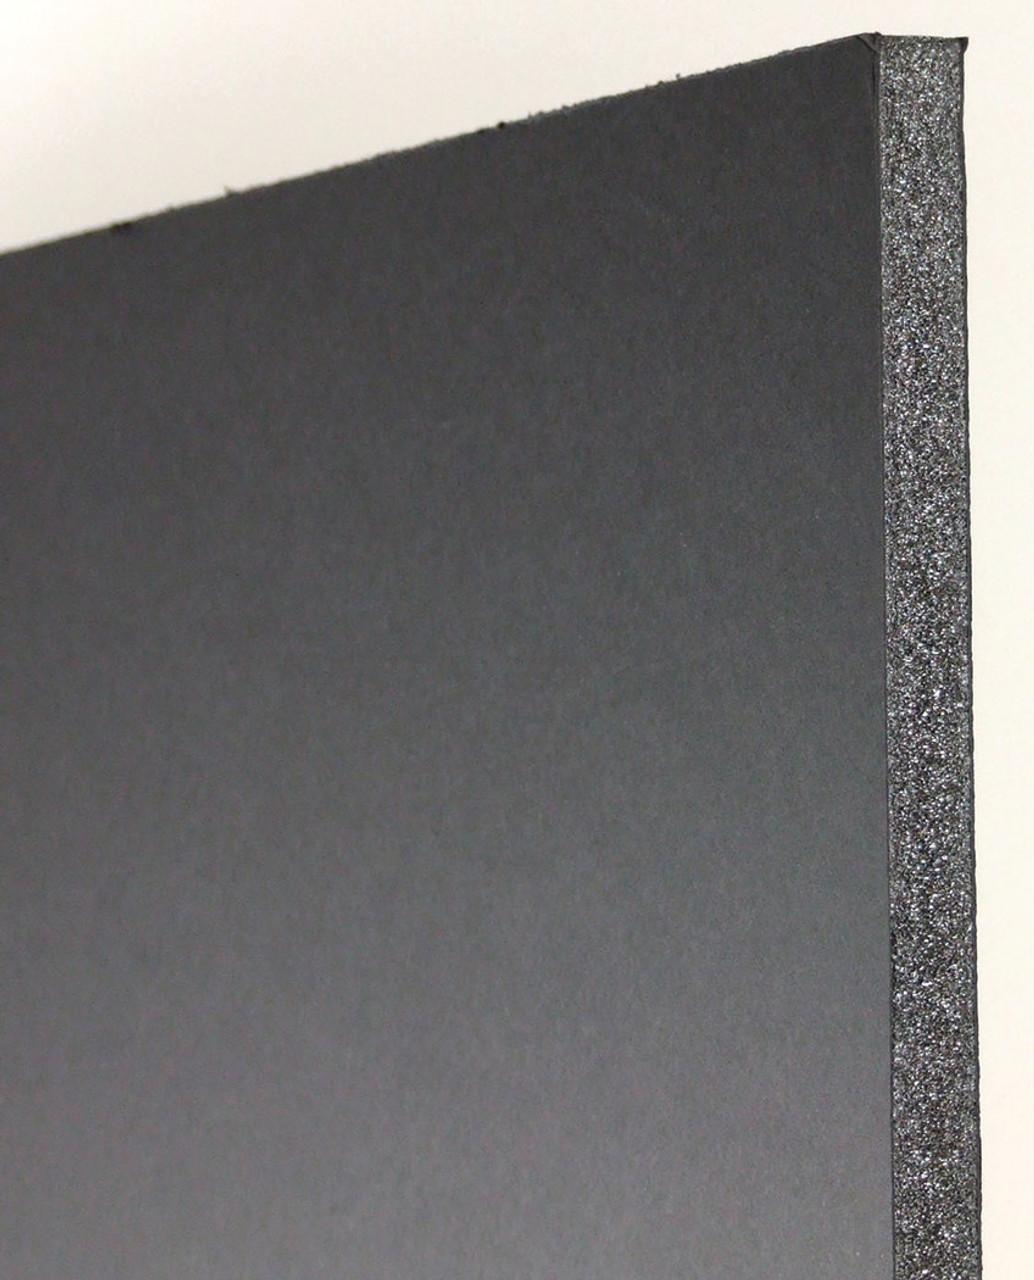 Elmer's Foam Board Black on Black 3/16in x 32in x 40in